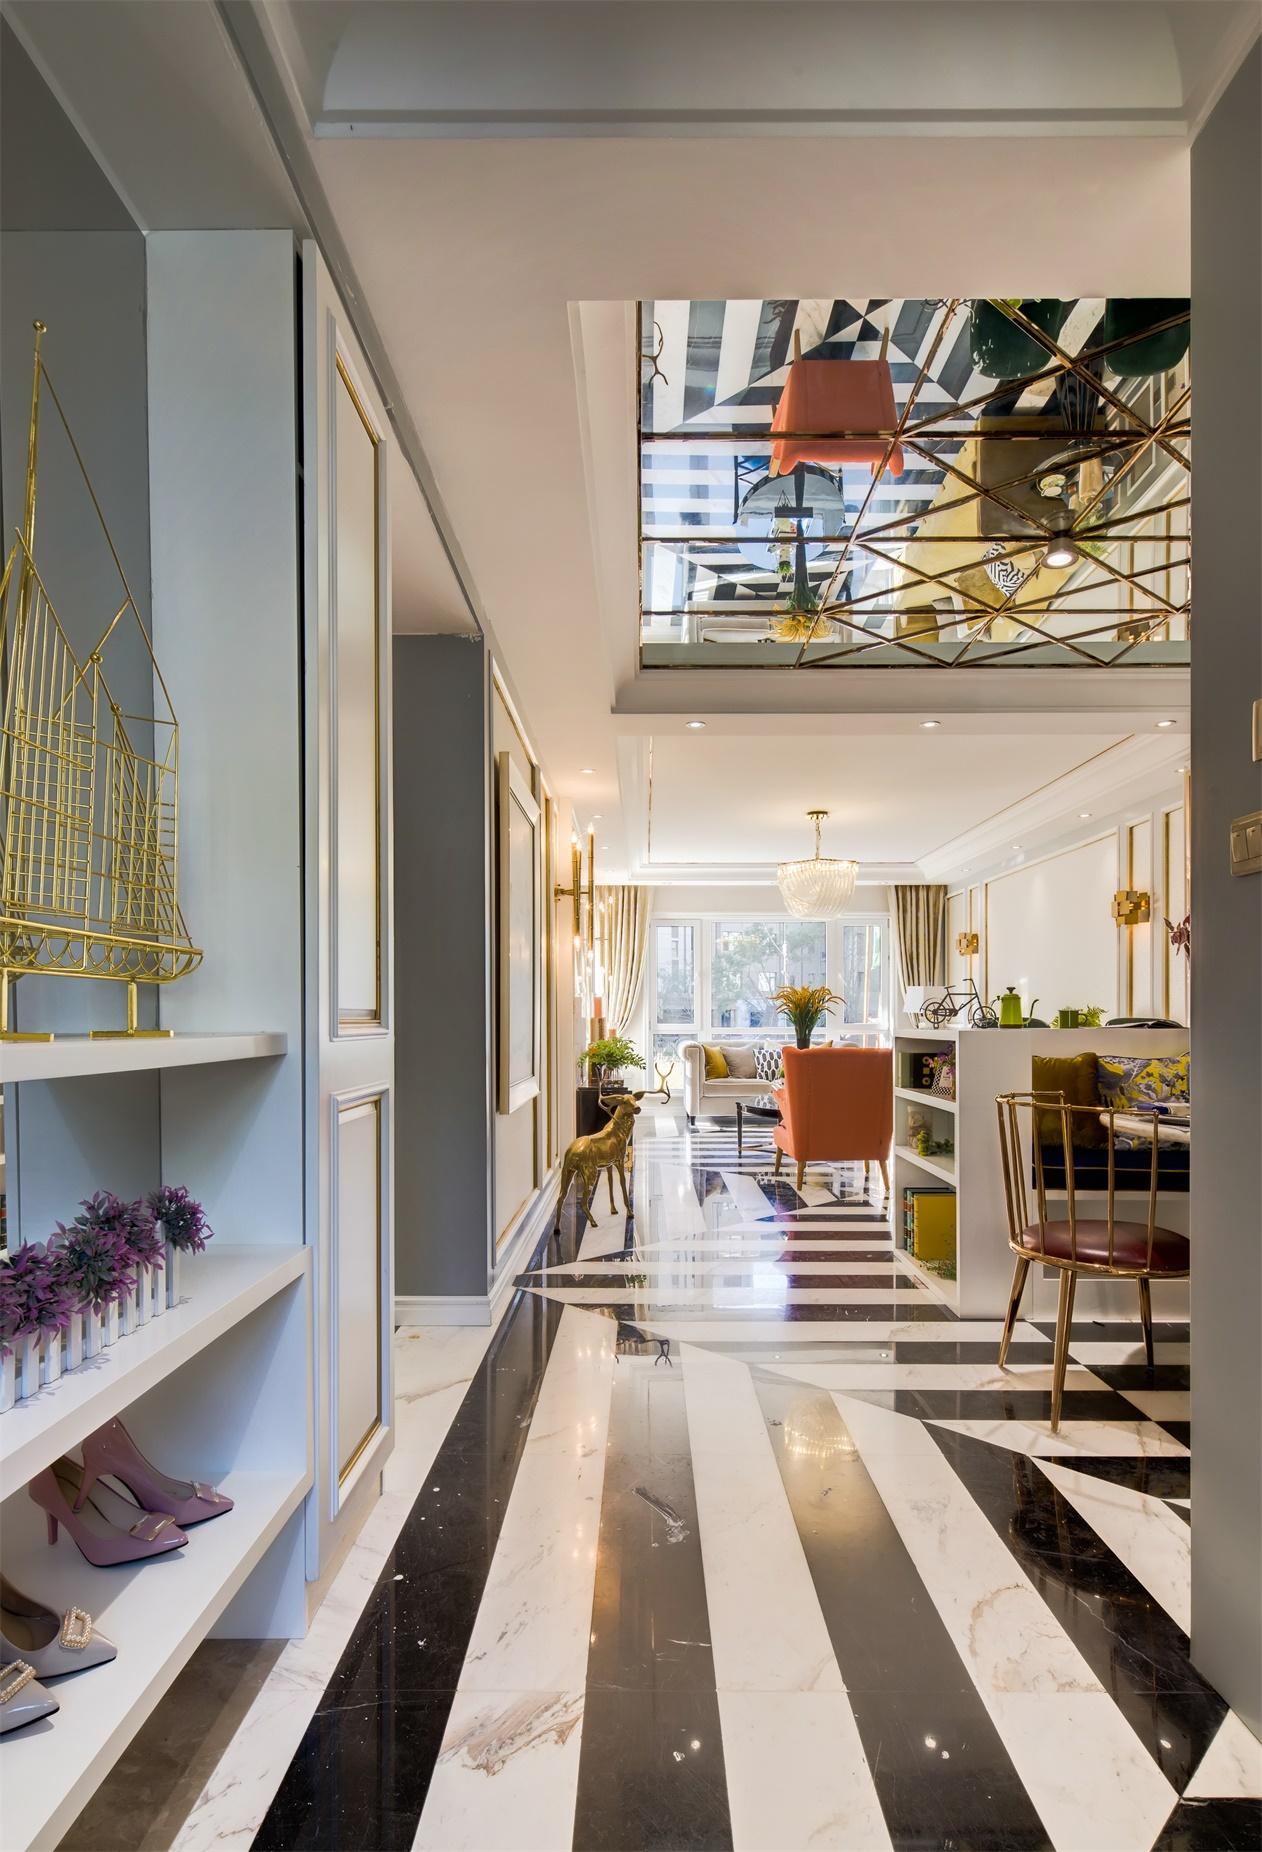 玄关设计巧妙衔接了餐厅与客厅,视觉延伸感强烈,空间层次得到妥善安置。